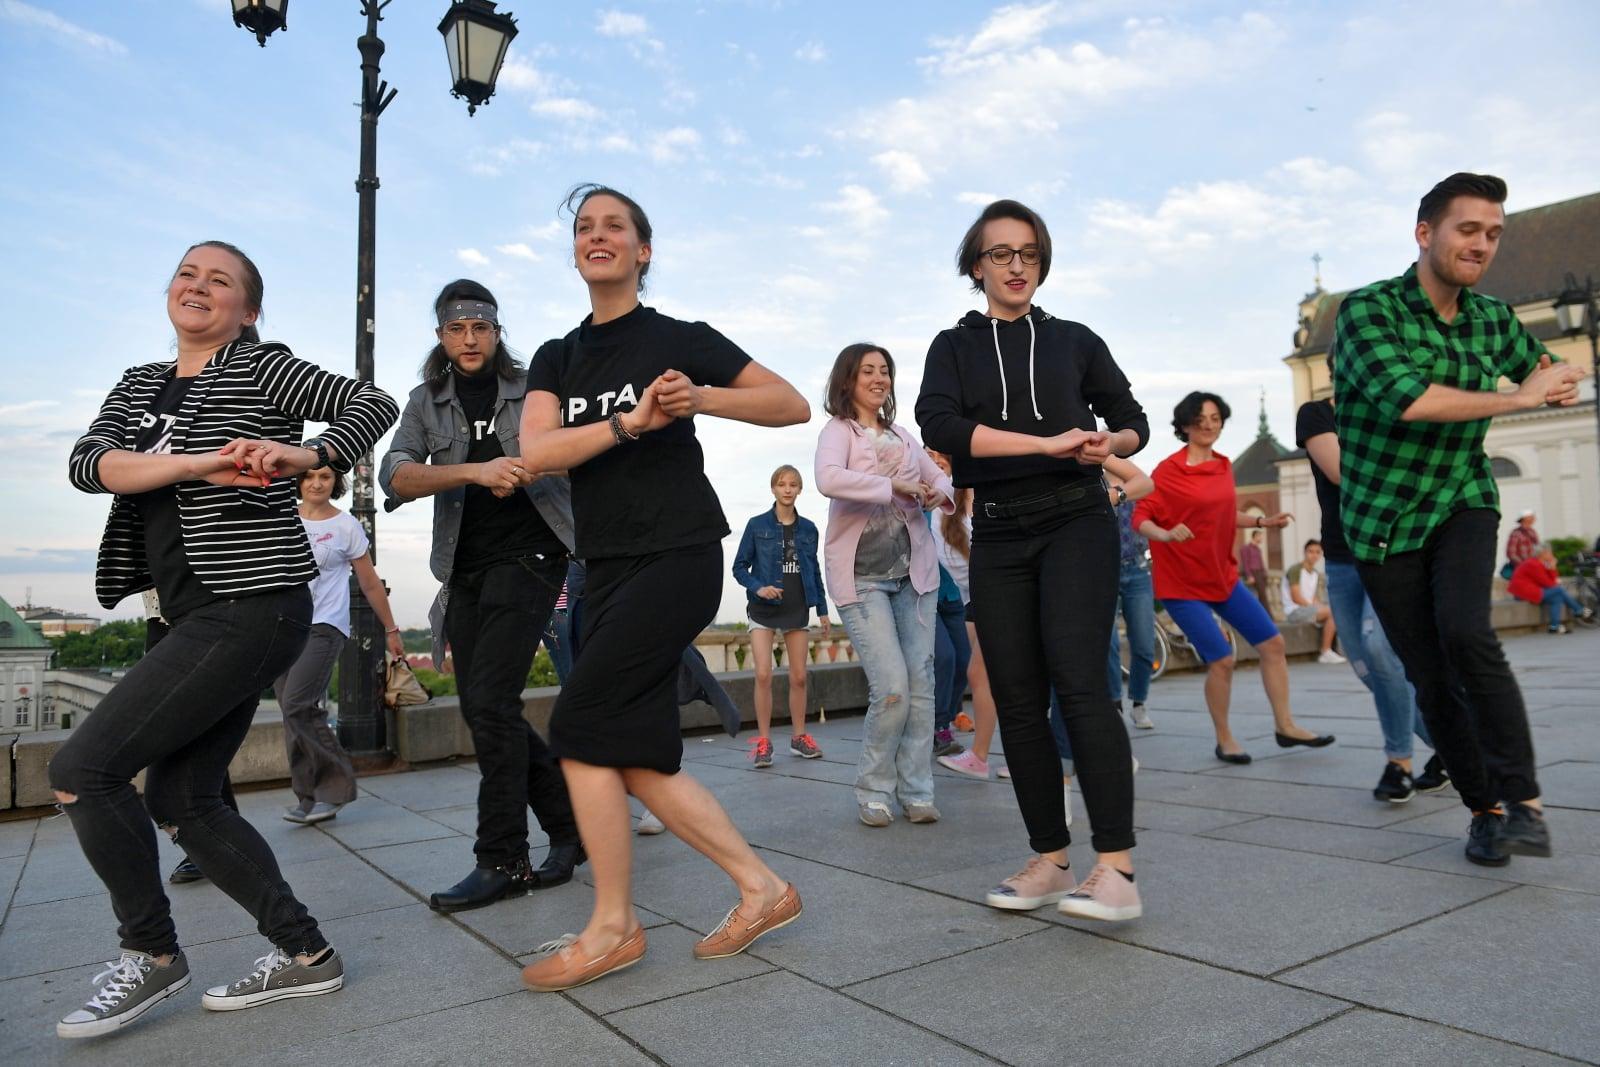 Międzynarodowy Dzień Stepowania fot. PAP/Marcin Obara